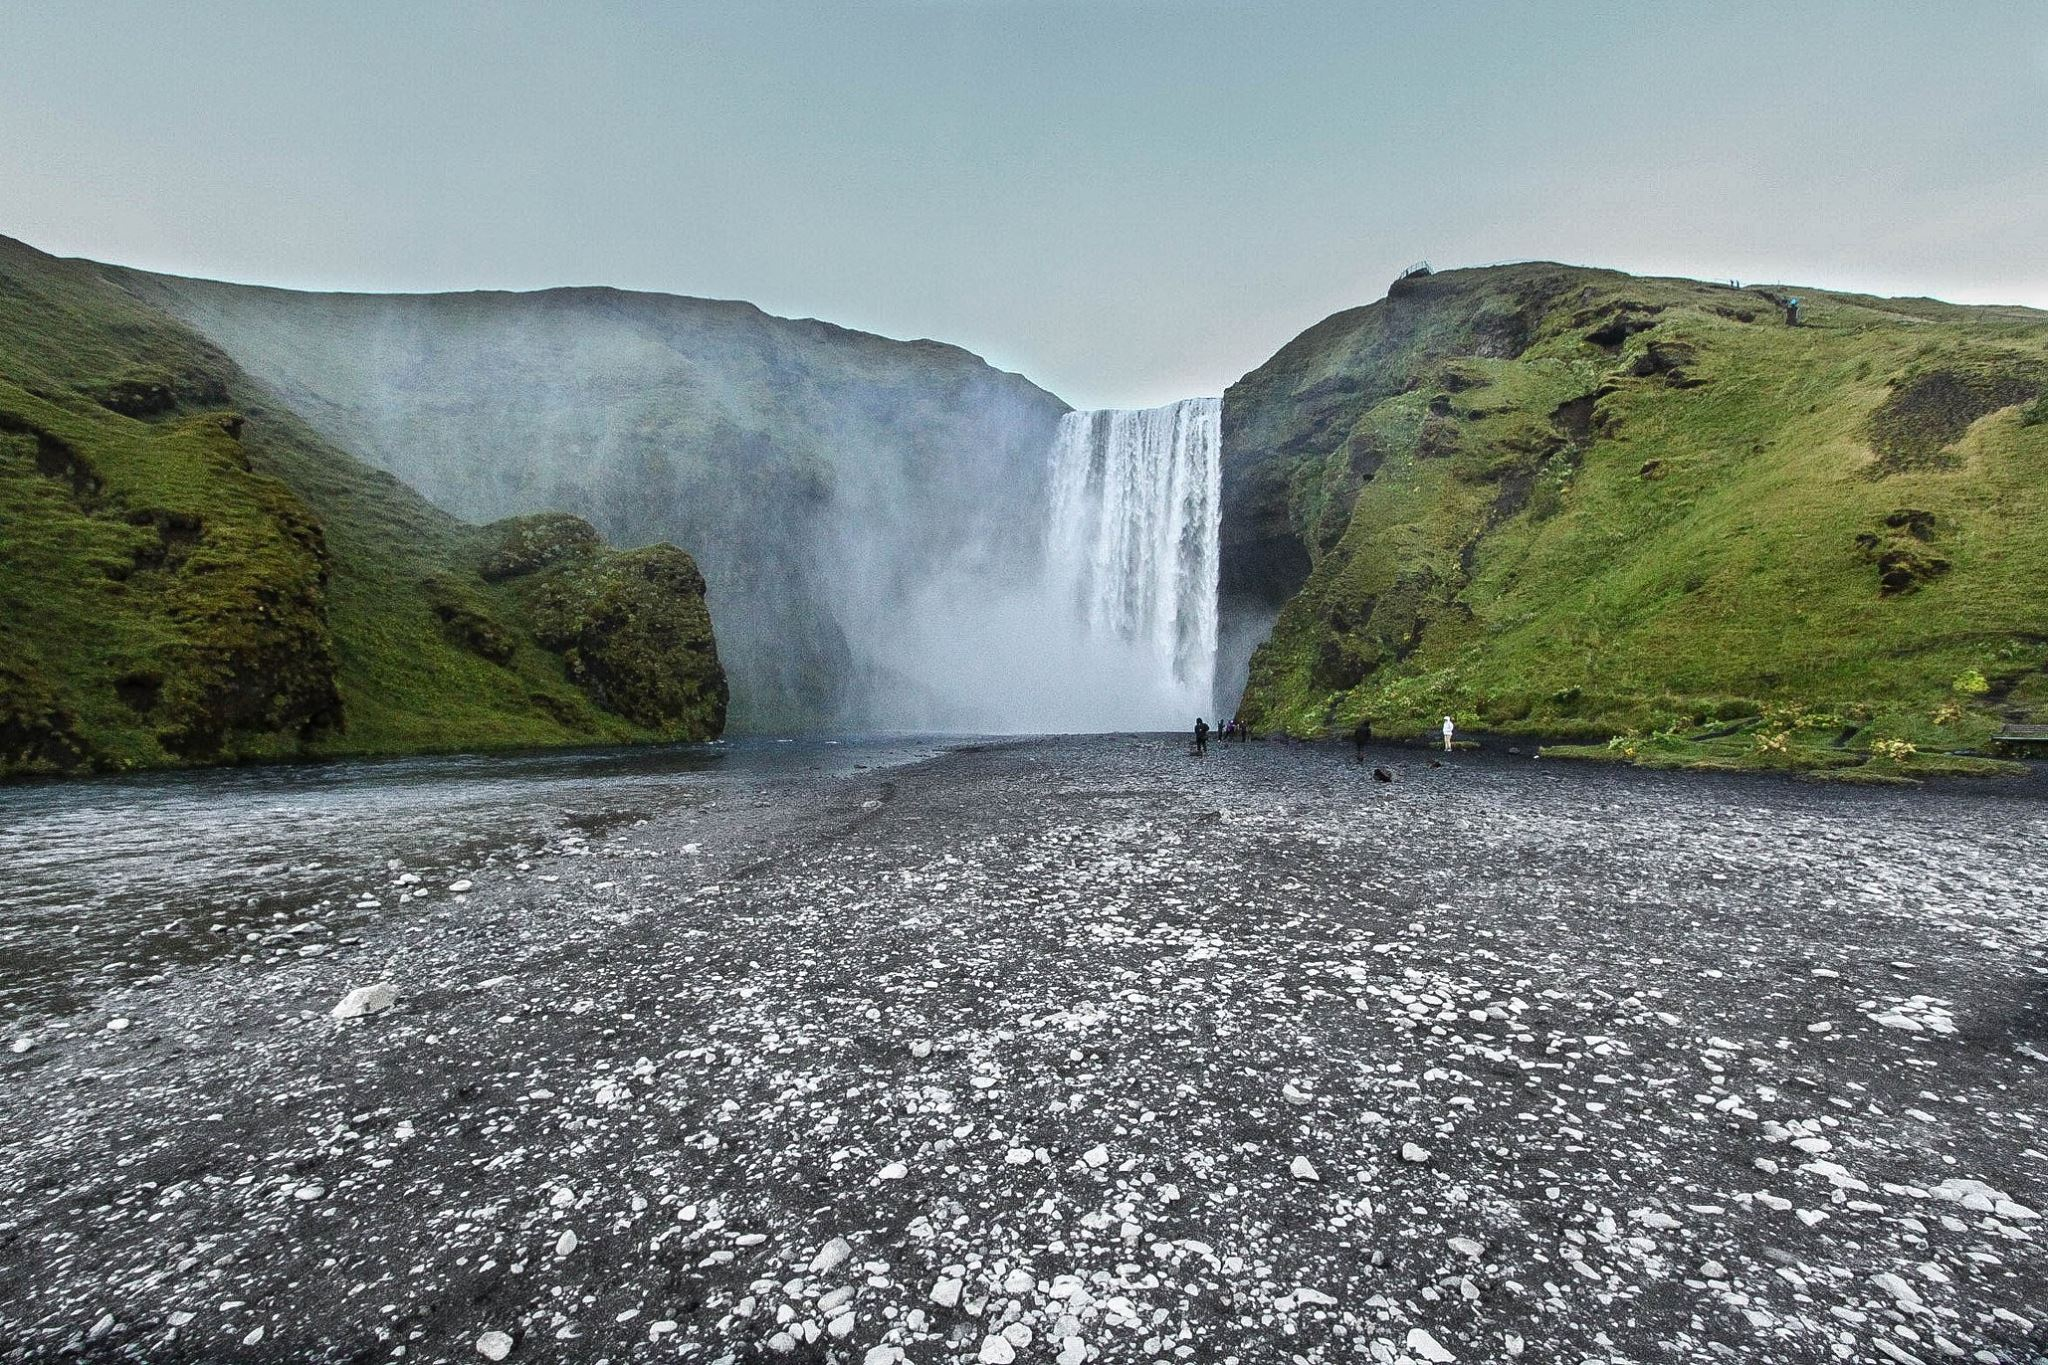 Difficile de s'imaginer la quantité d'eau au pied de cette chute. On devient trempe en moins de 30 secondes. D'où l'importance de bien s'équiper pour ne rien manquer.